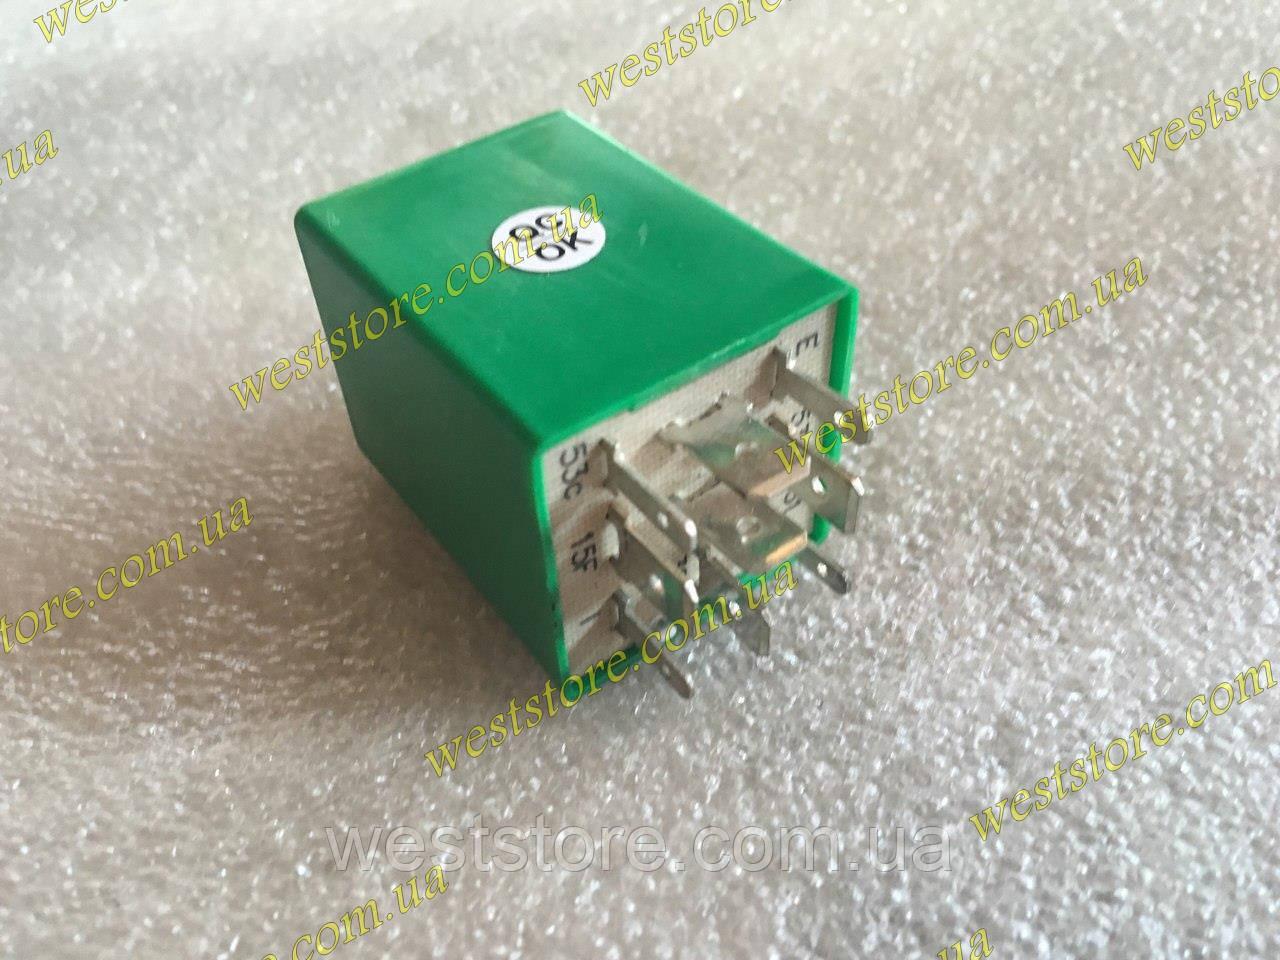 Реле цикличности стеклоочистителя дворников Ланос Lanos Sens сенс Зеленое OE 96596863 (Корея)